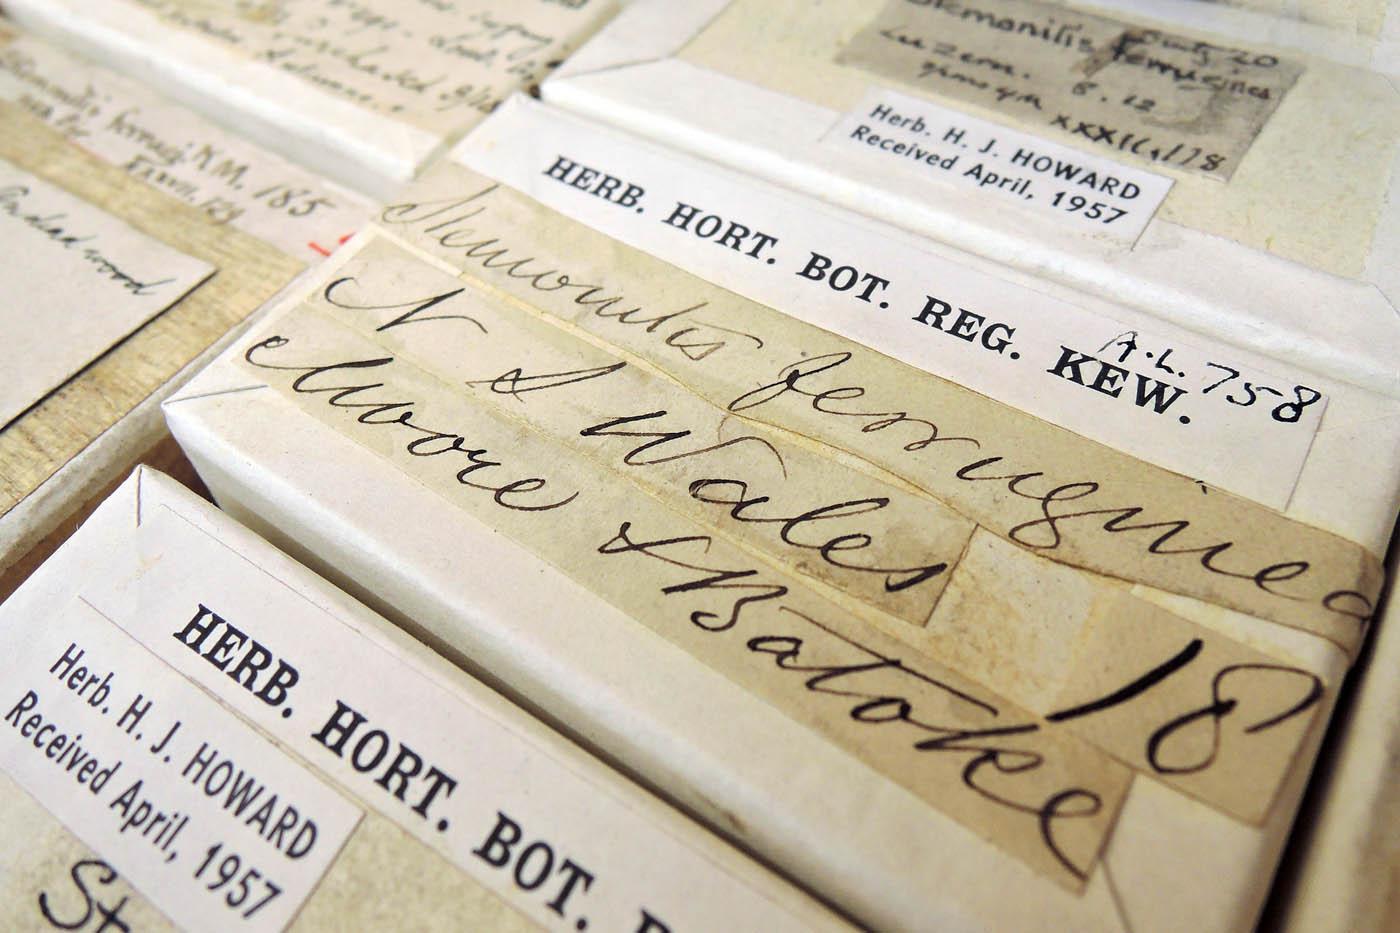 Fungarium records